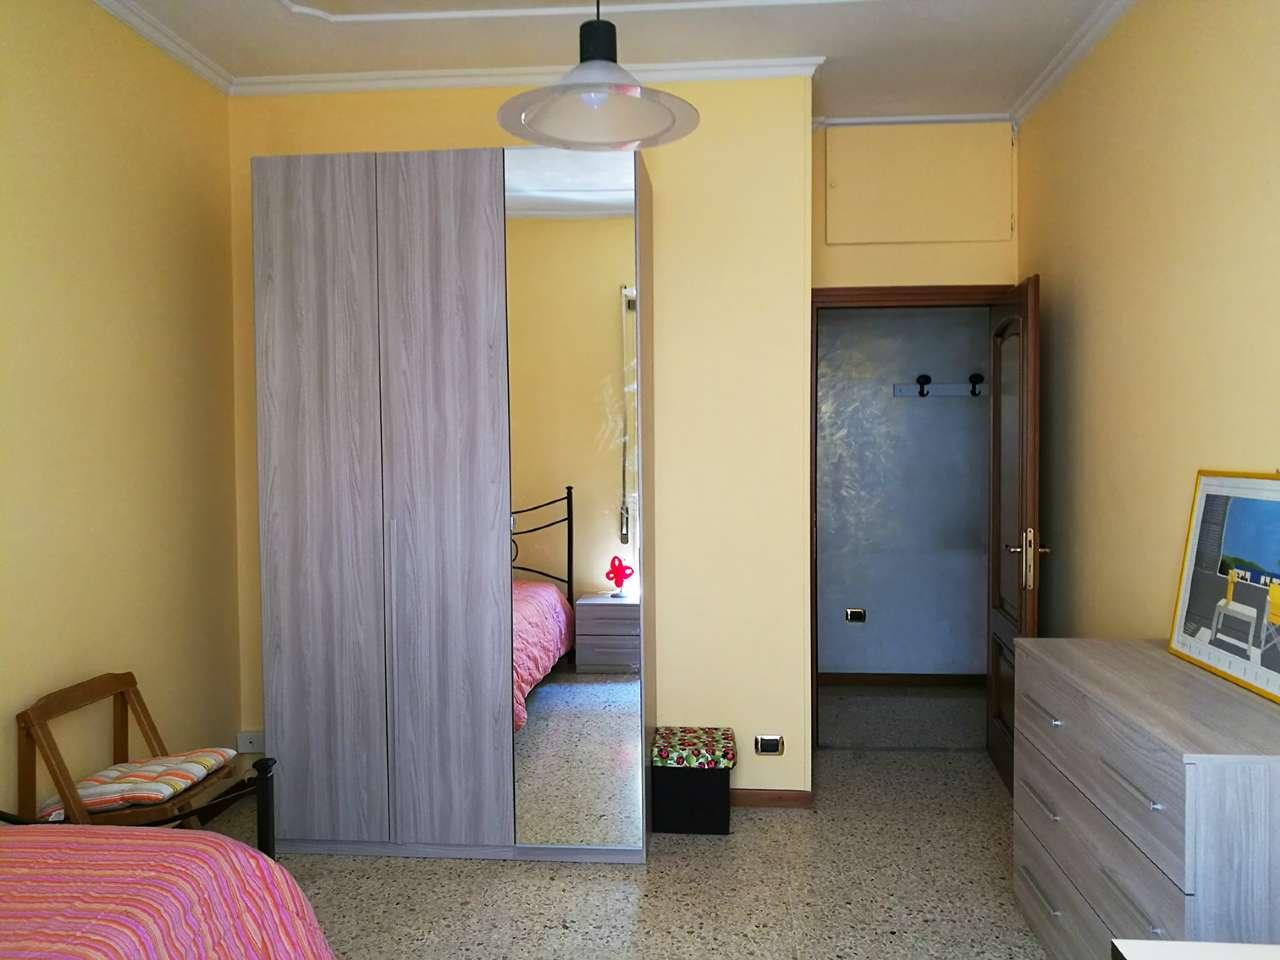 Trilocale roma affitto 470 zona 8 tiburtina colli for Affitto appartamento transitorio roma